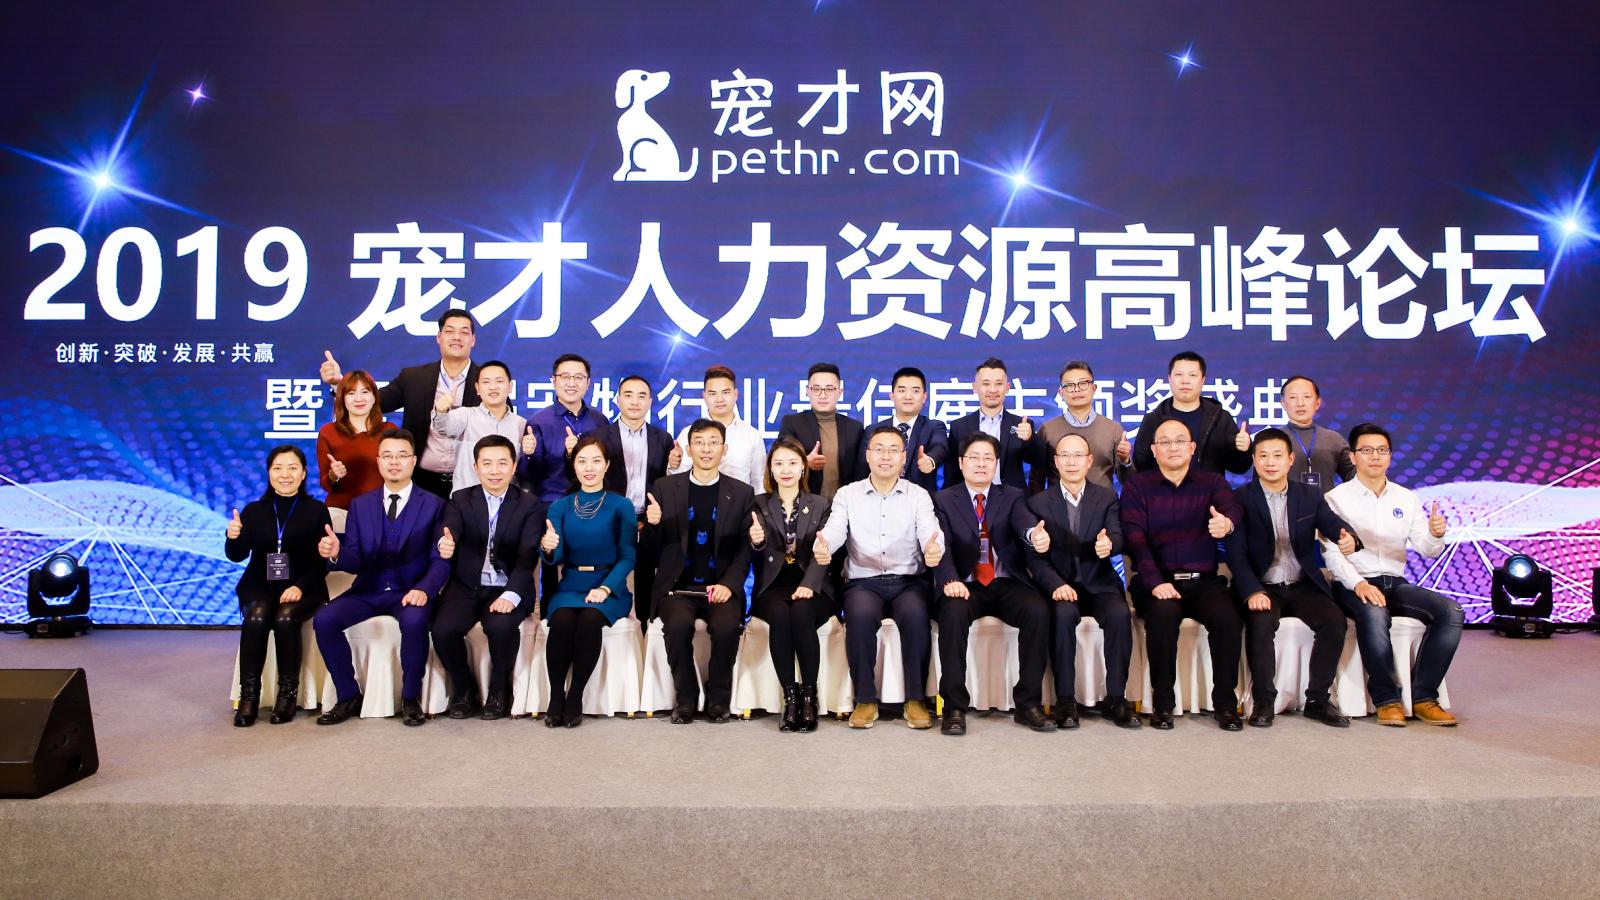 瑞鹏集团荣获宠物行业最佳雇主品牌和最受员工欢迎雇主双料奖项